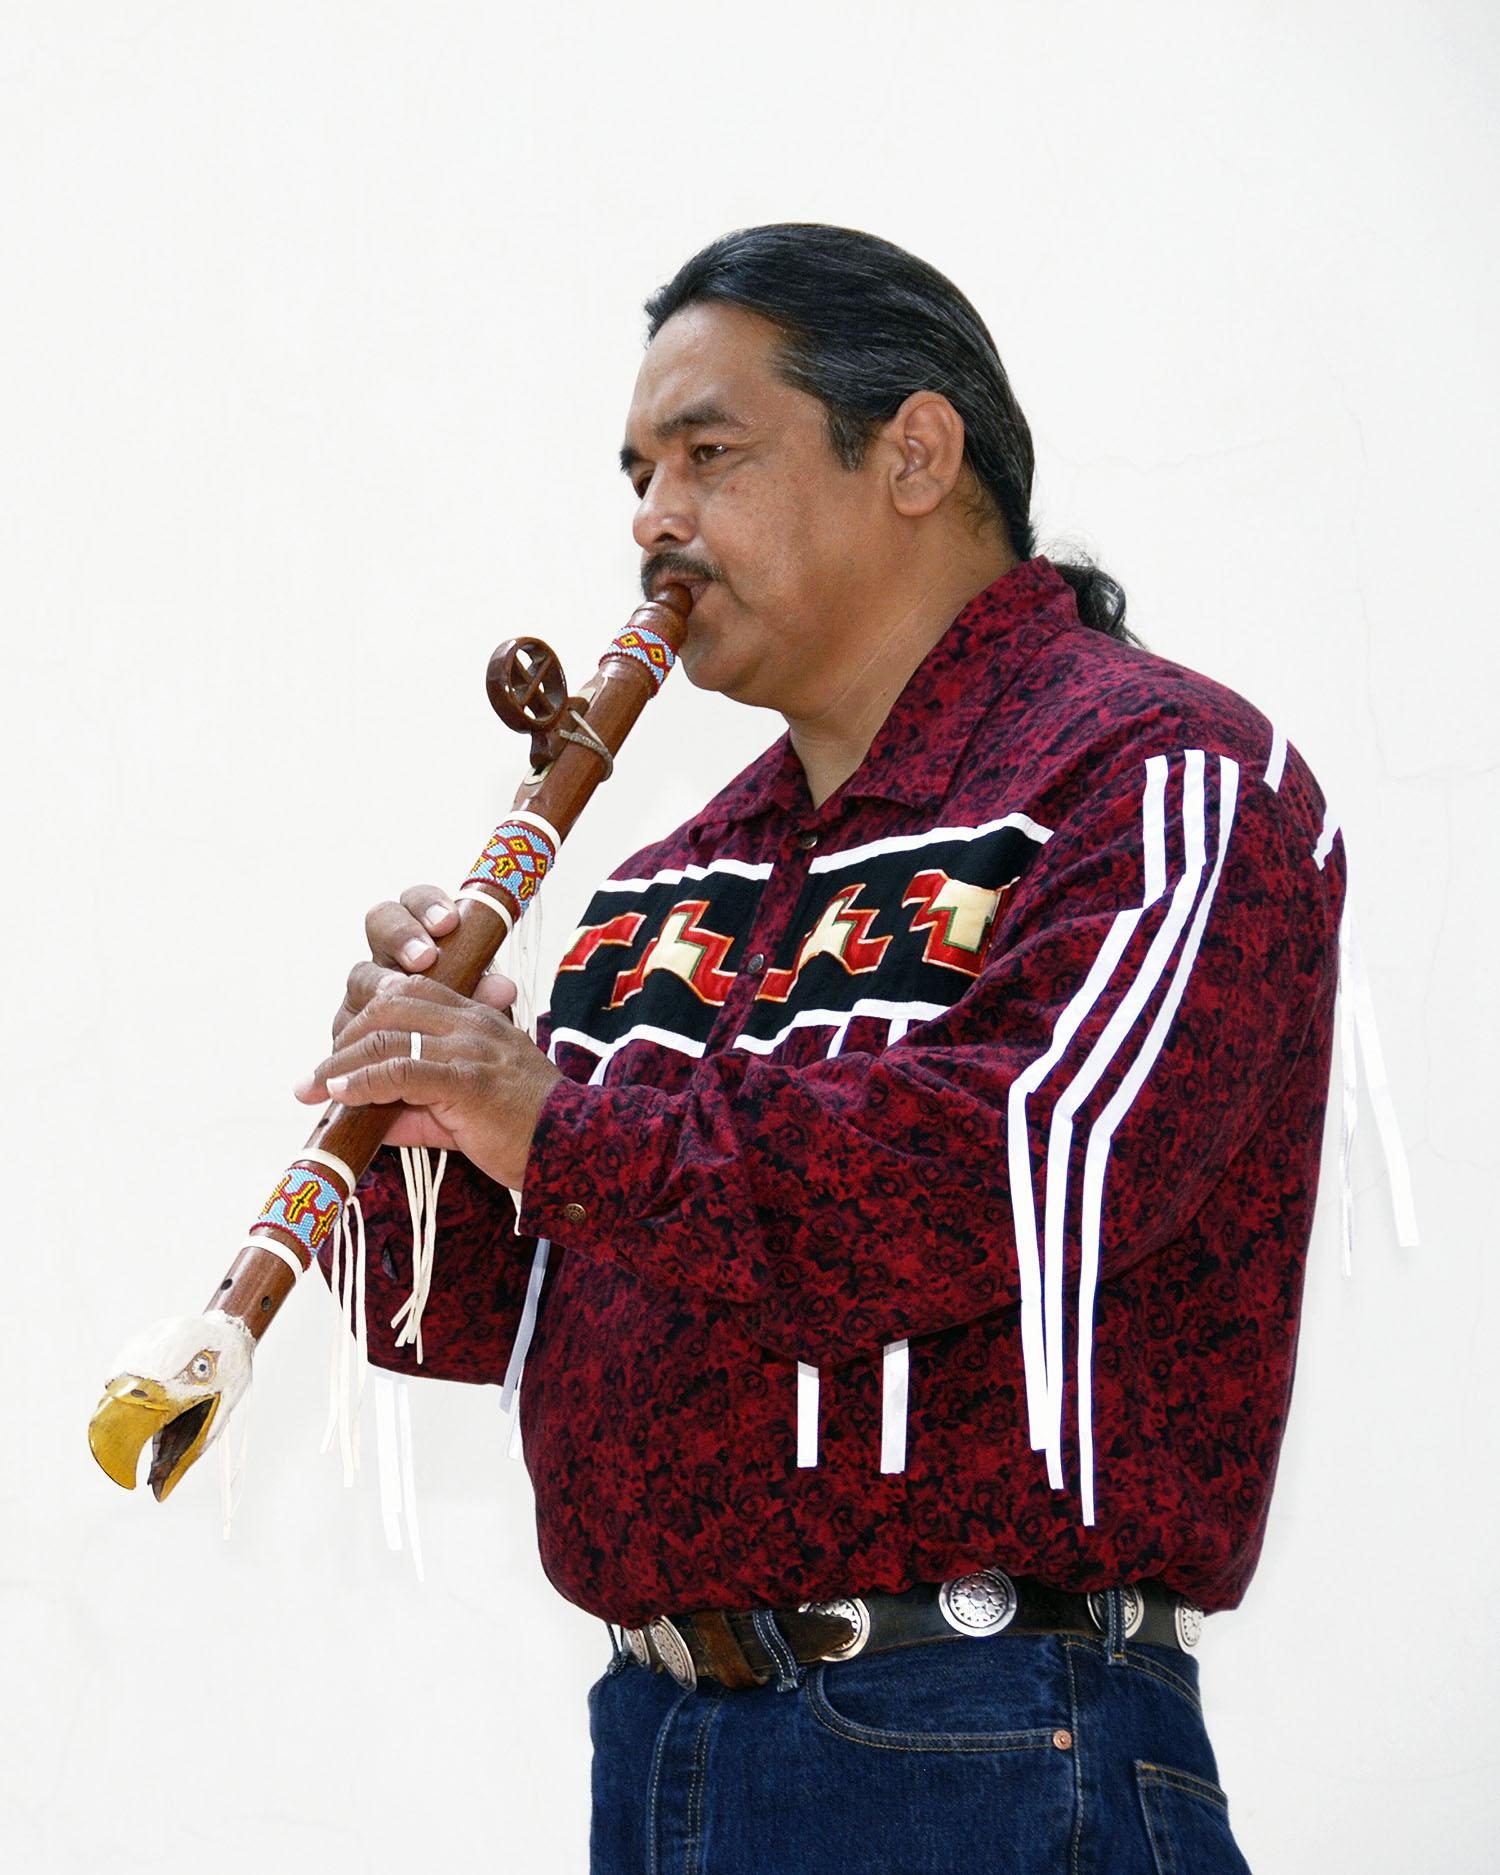 Alex Maldonado plays a hand-carved eagle flute.